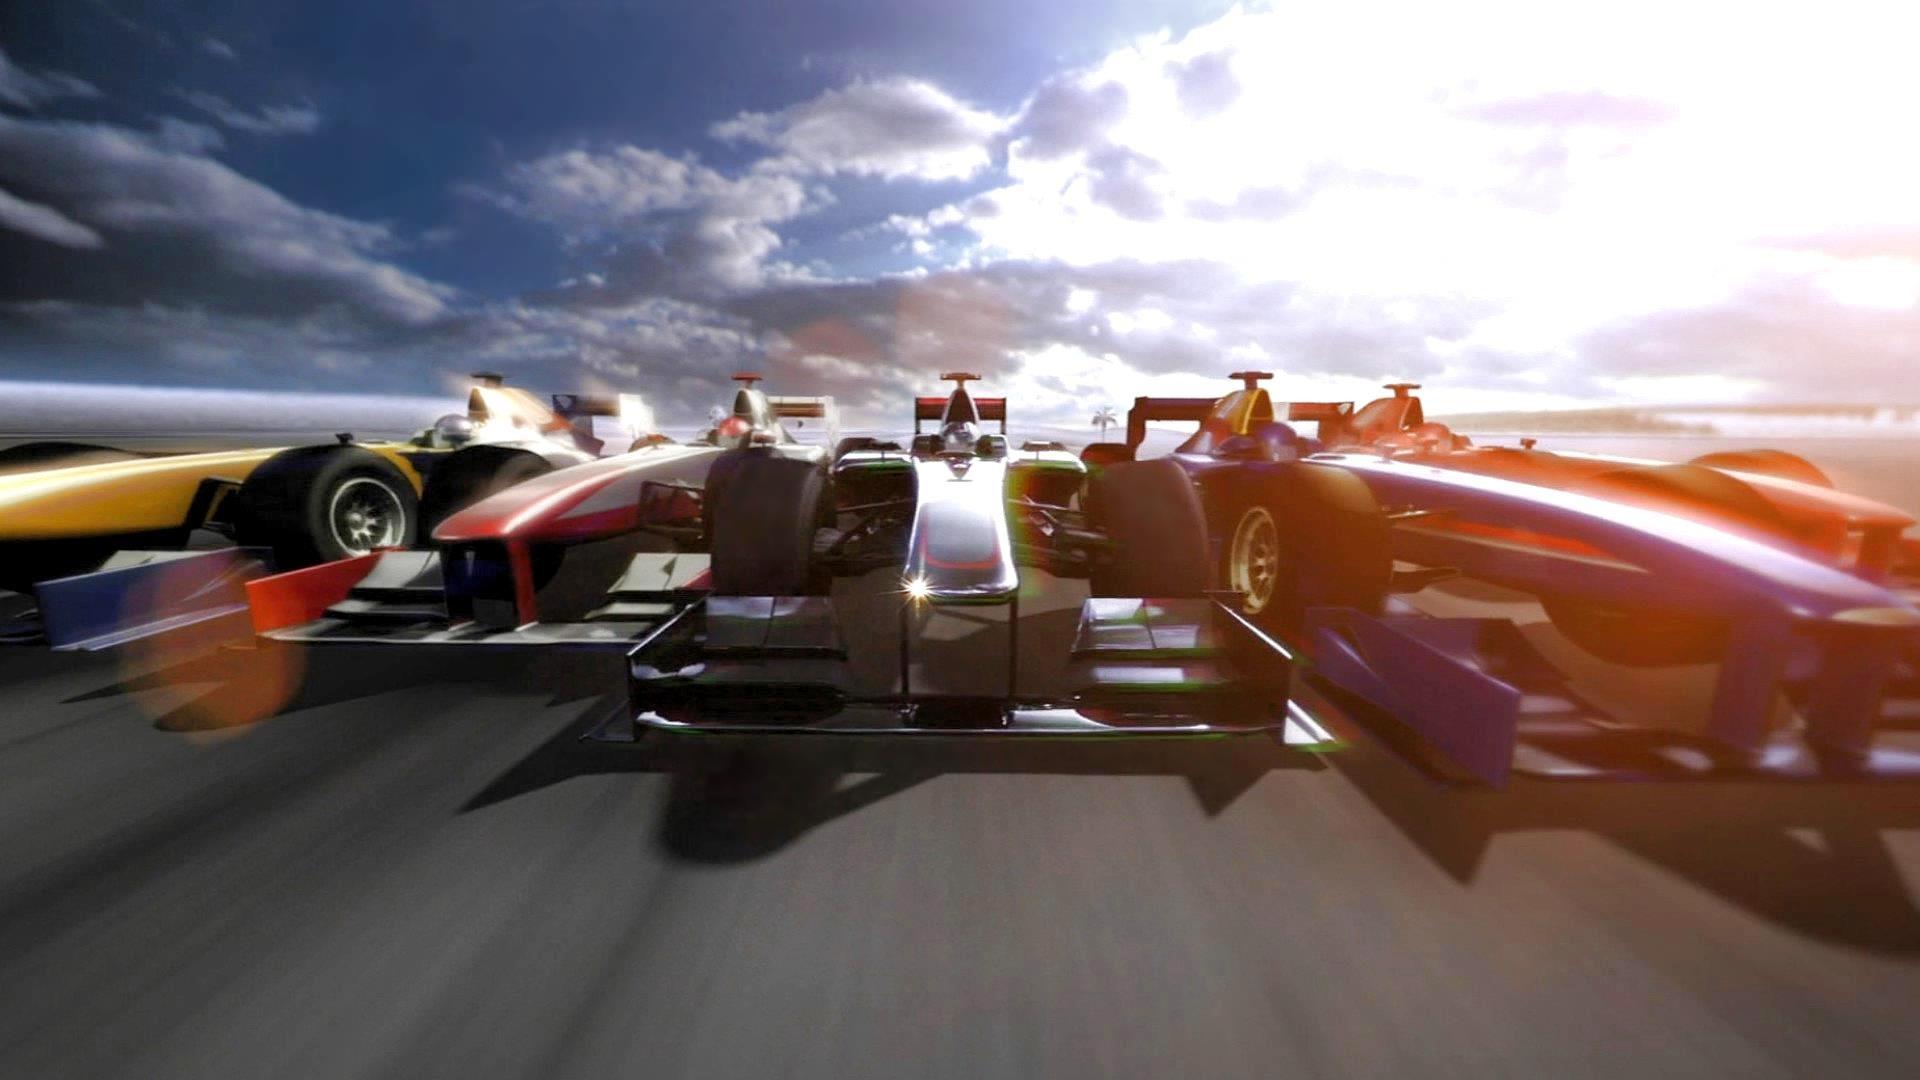 Formula 1 Wallpaper 1080p HD